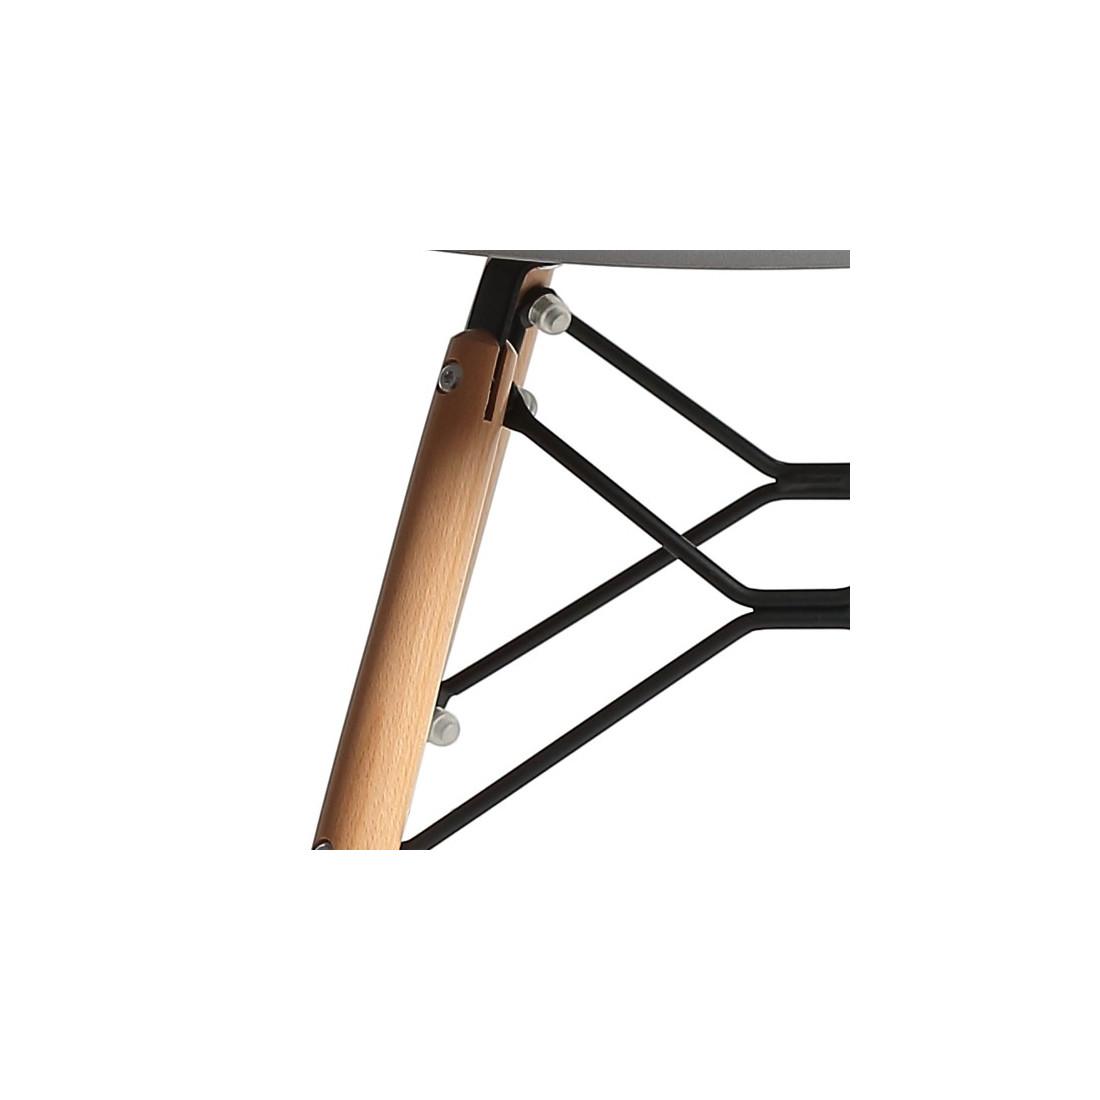 Chaises grises chaise grise pour le jardin with chaises for Chaise zenata